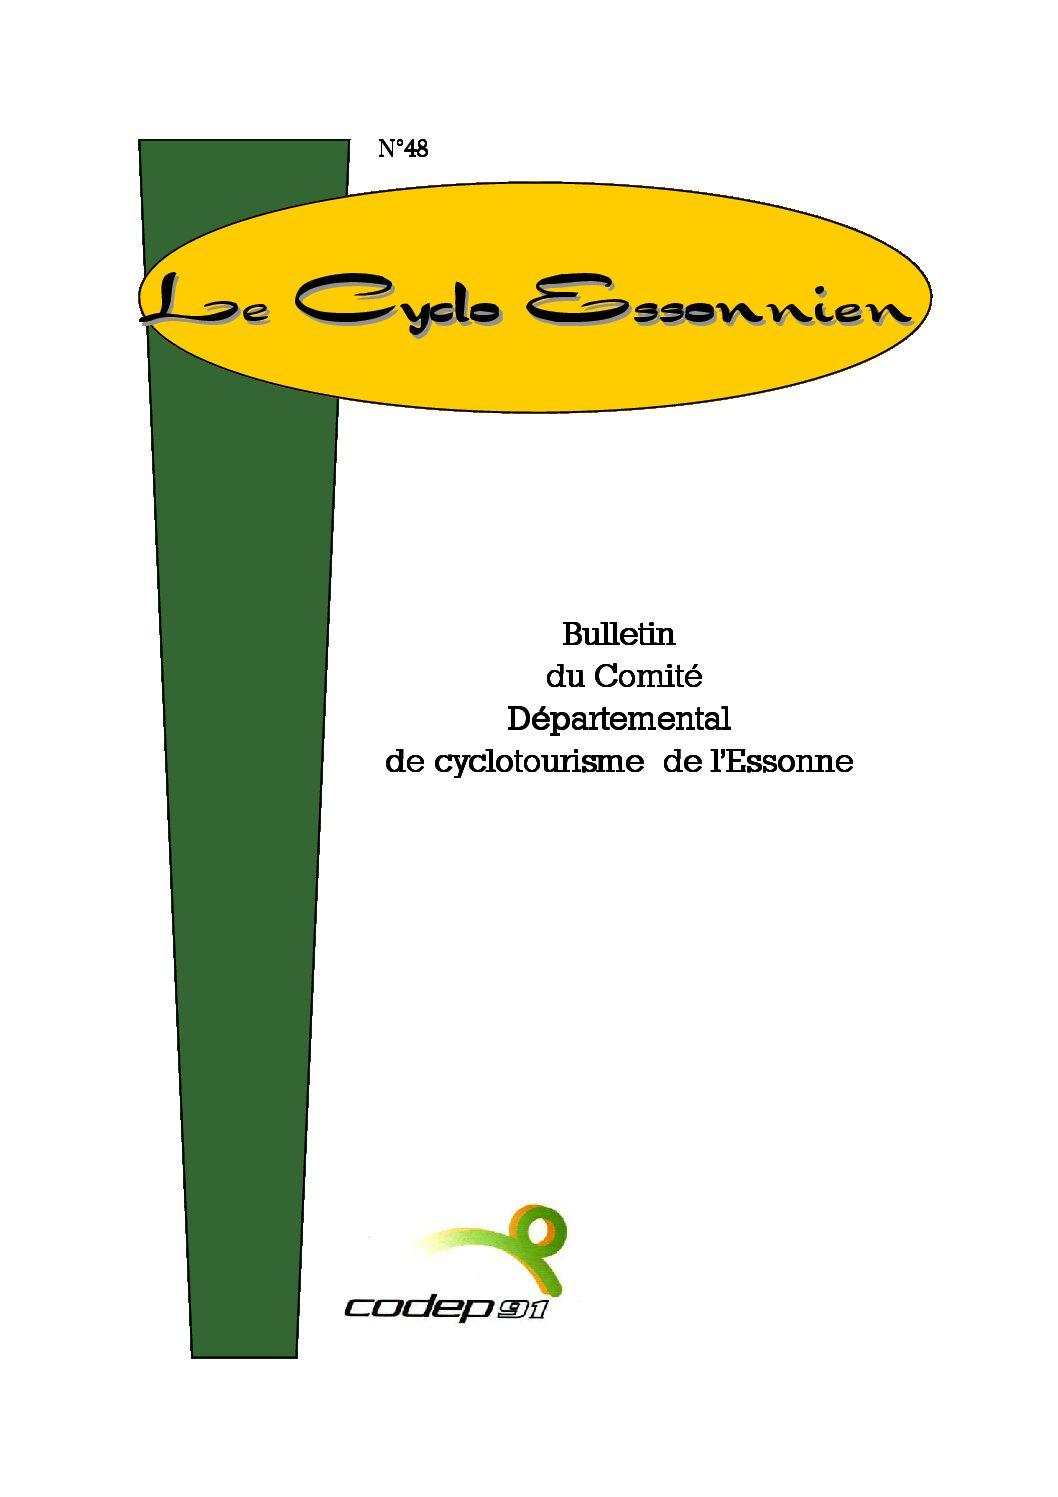 Le Cyclo Essonnien n°48